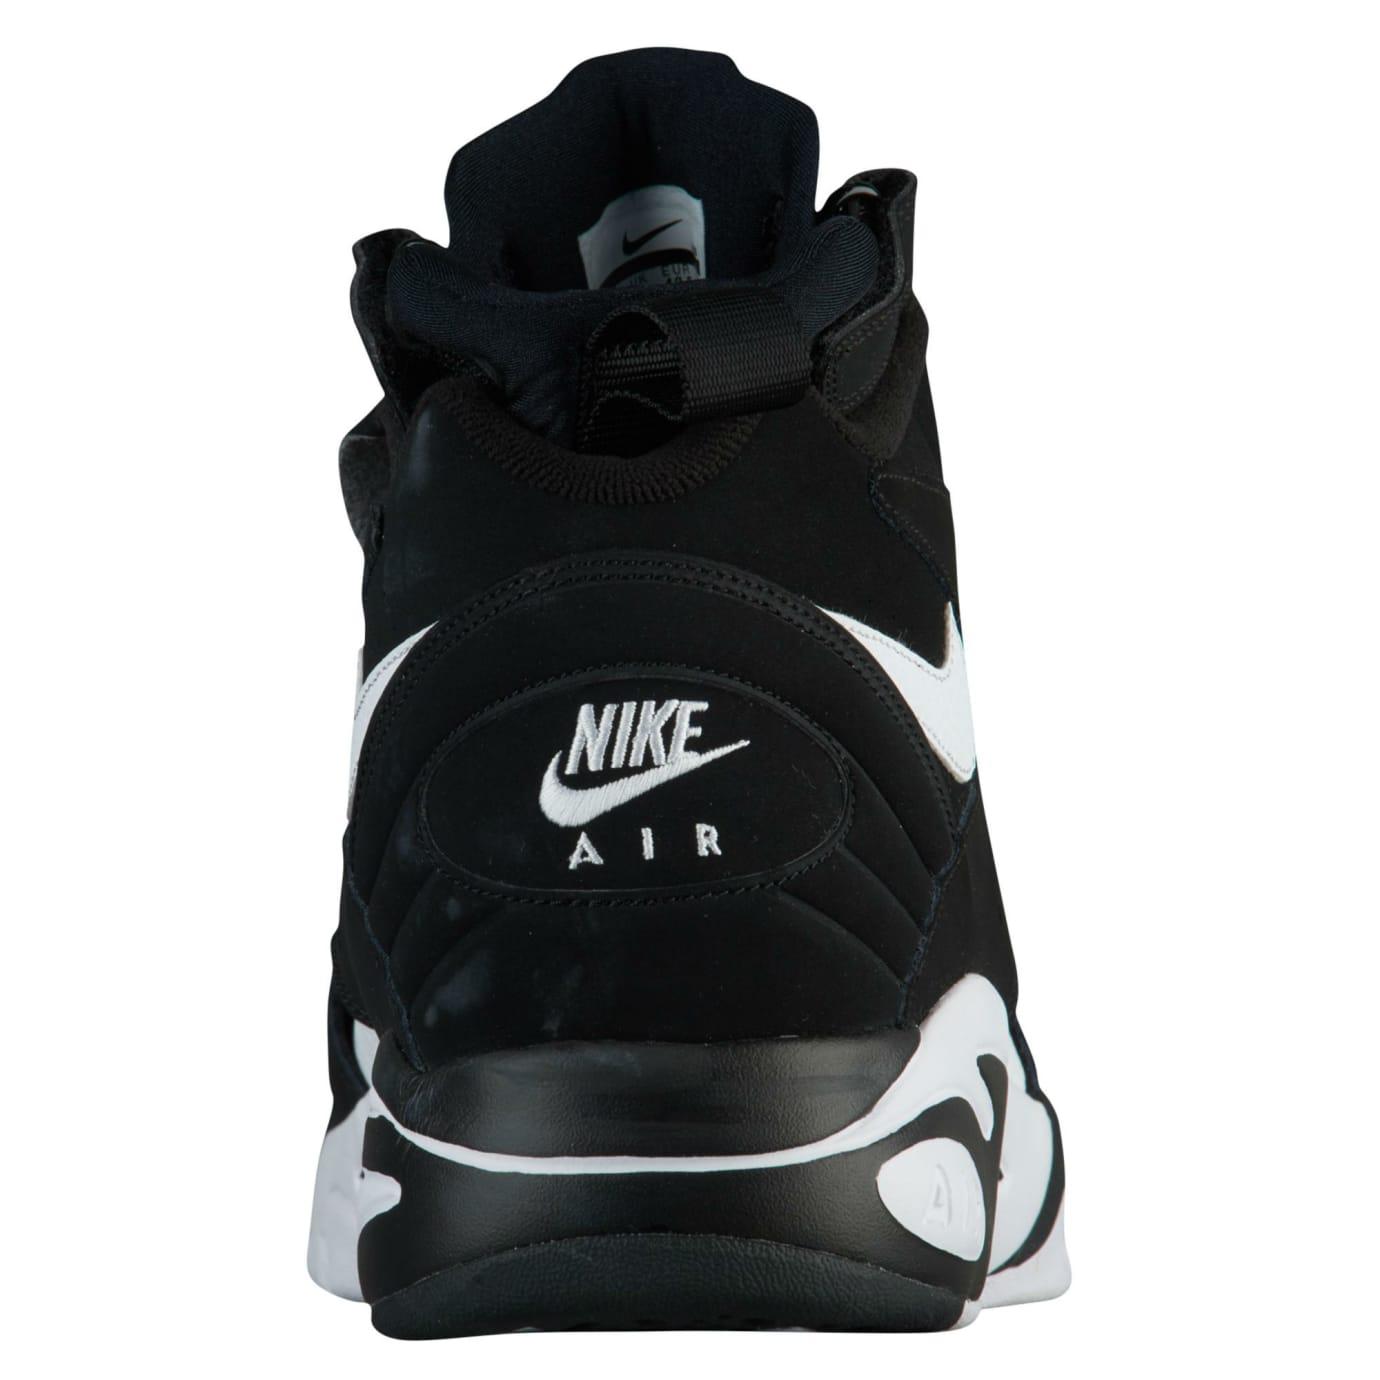 Nike Air Maestro 2 LTD Black/White Release Date AH8511-001 Heel